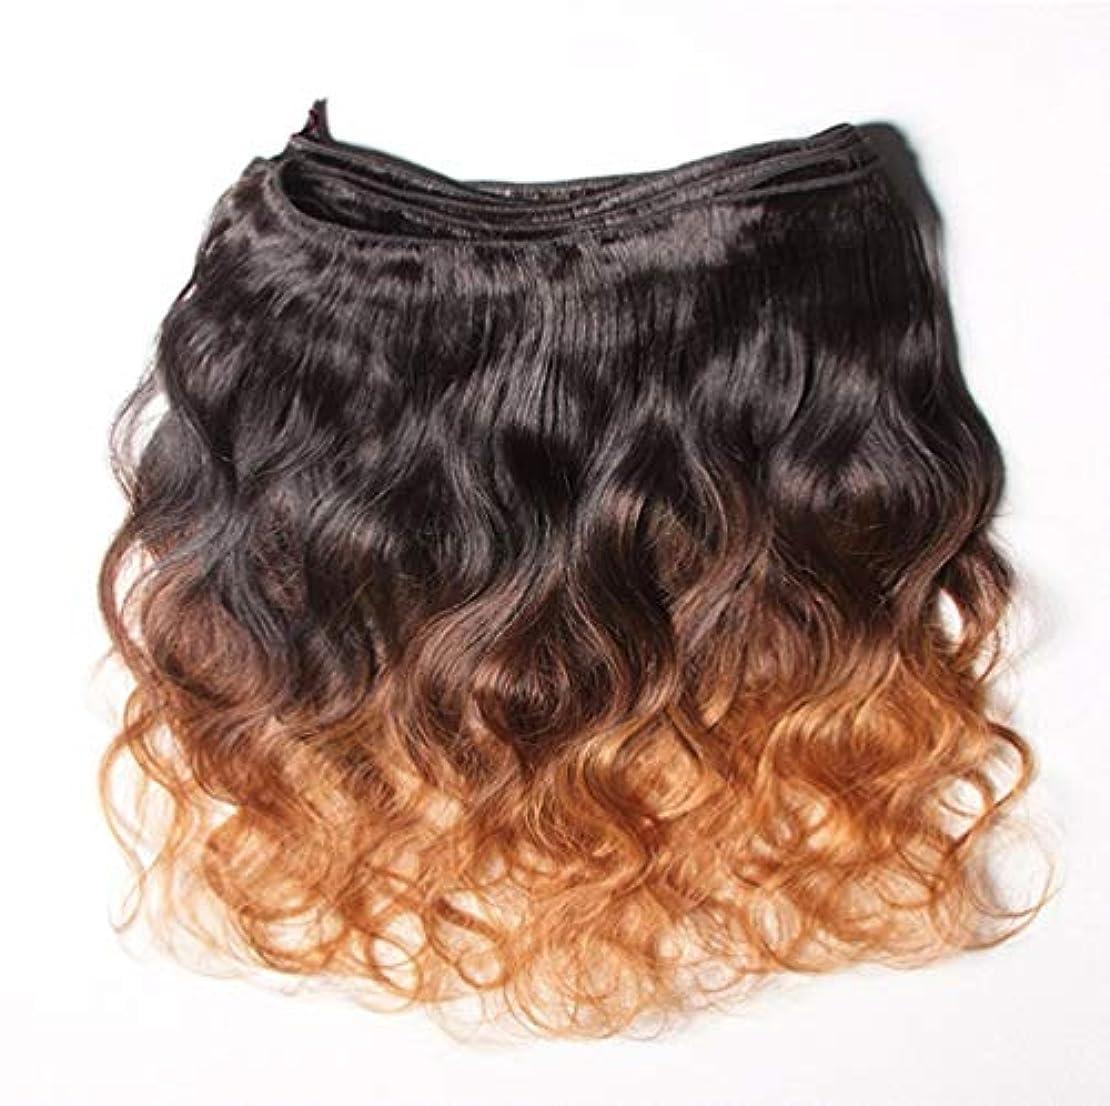 チャンピオンシップ通り温室10Aグレードの髪織りブラジルペルー人毛バージン髪変態カーリーオンブル人間の髪織り(3バンドル)